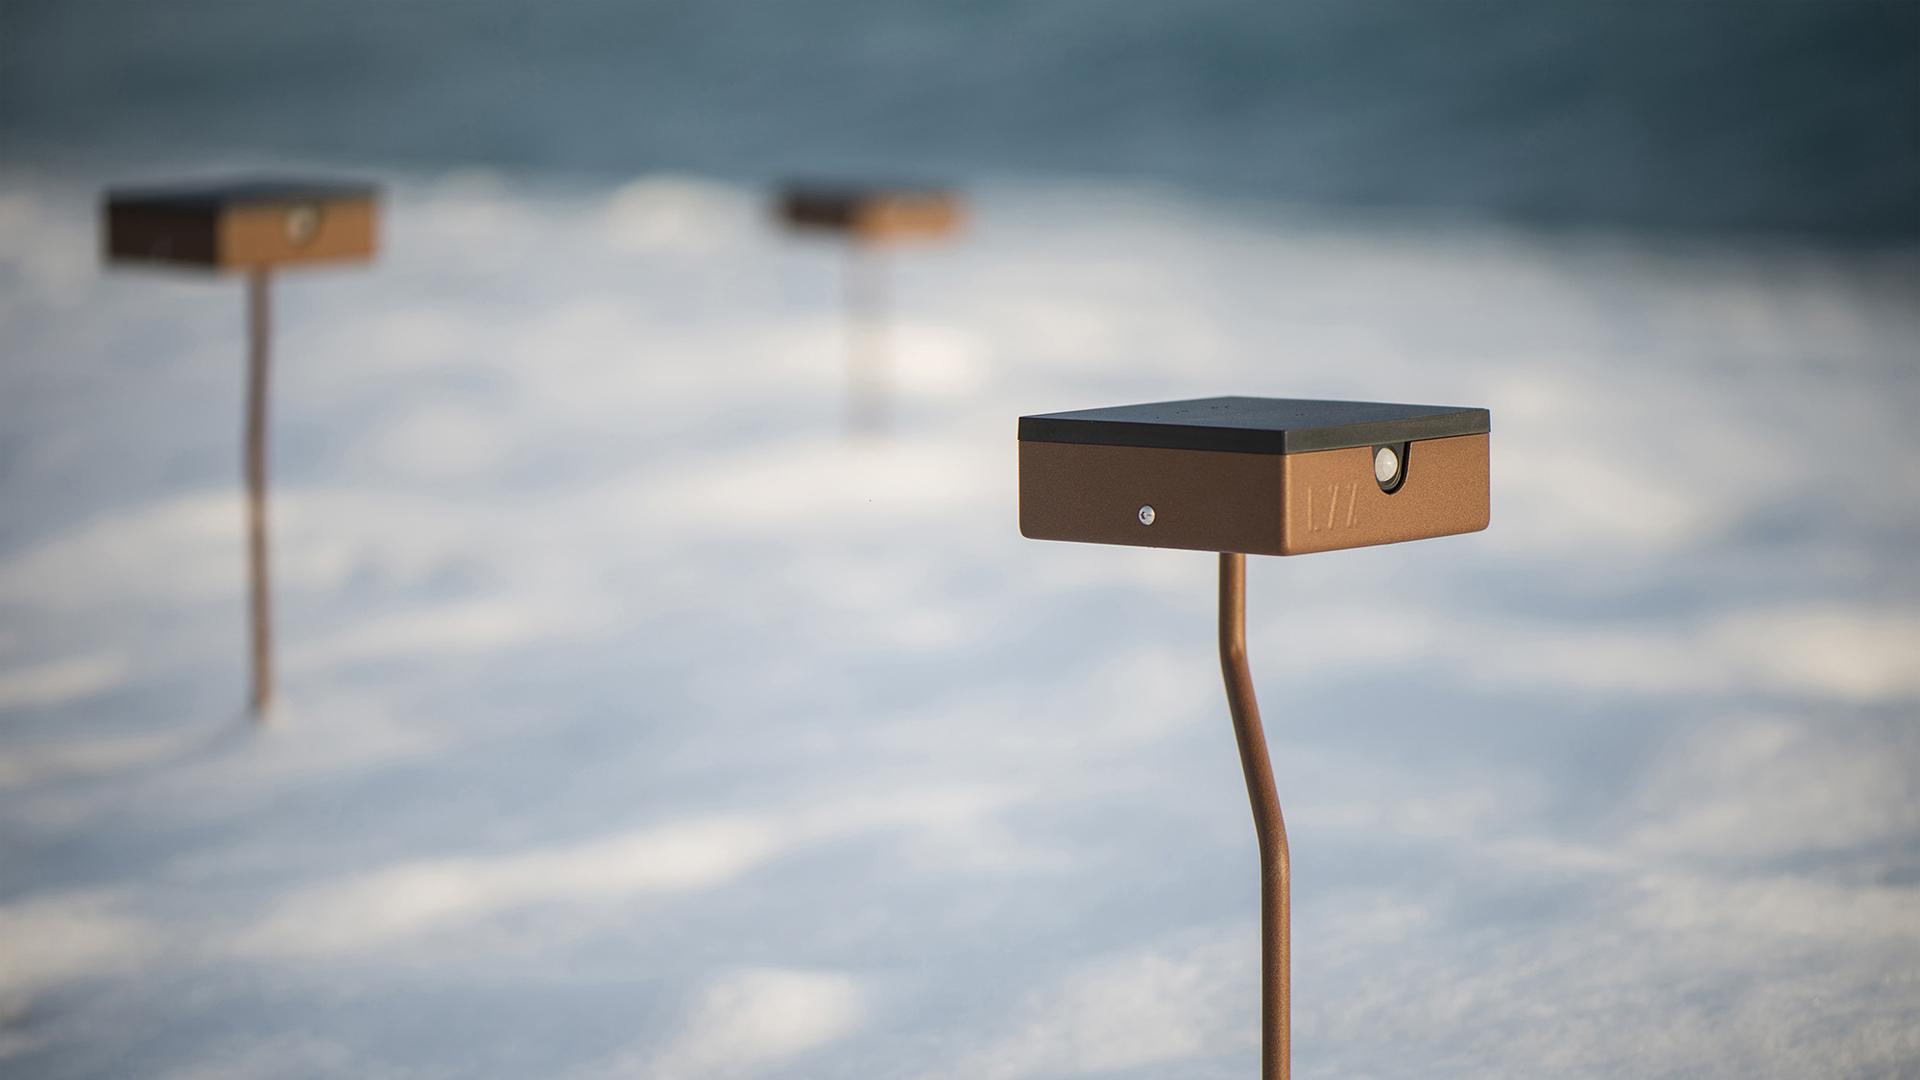 Bornes solaires extérieures en acier inoxydable, rouille Corten ou gris anthracite. Borne extérieure solaire avec un éclairage performant équipée d'un détecteur de présence. Comme toutes les bornes solaires extérieures LYX Luminaires ce luminaire extérieur est une lampe solaire autonome, de conception et de fabrication française.